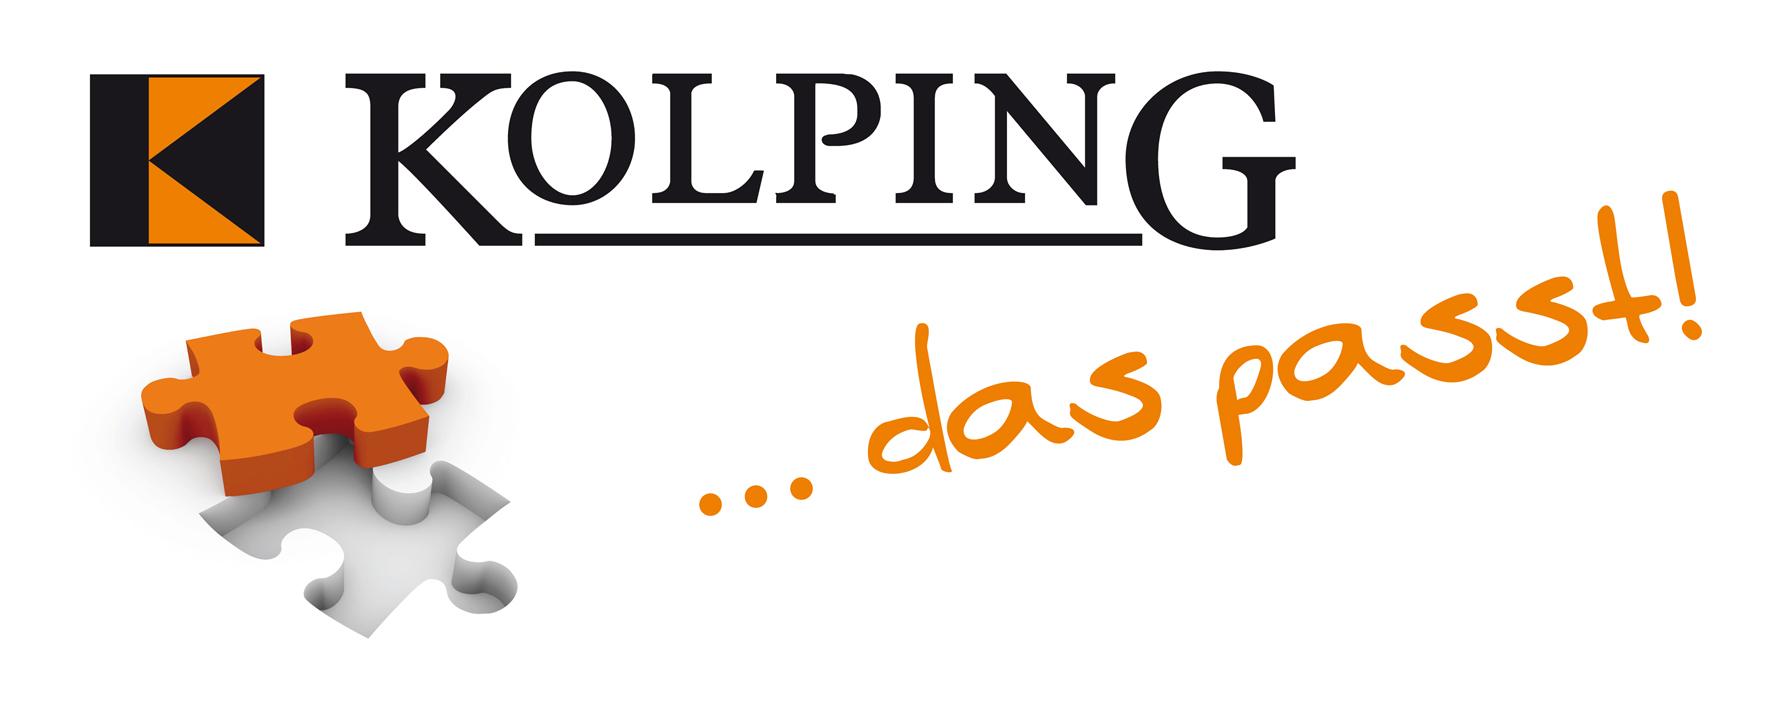 http://www.kolping-rohrbach.de/kf/